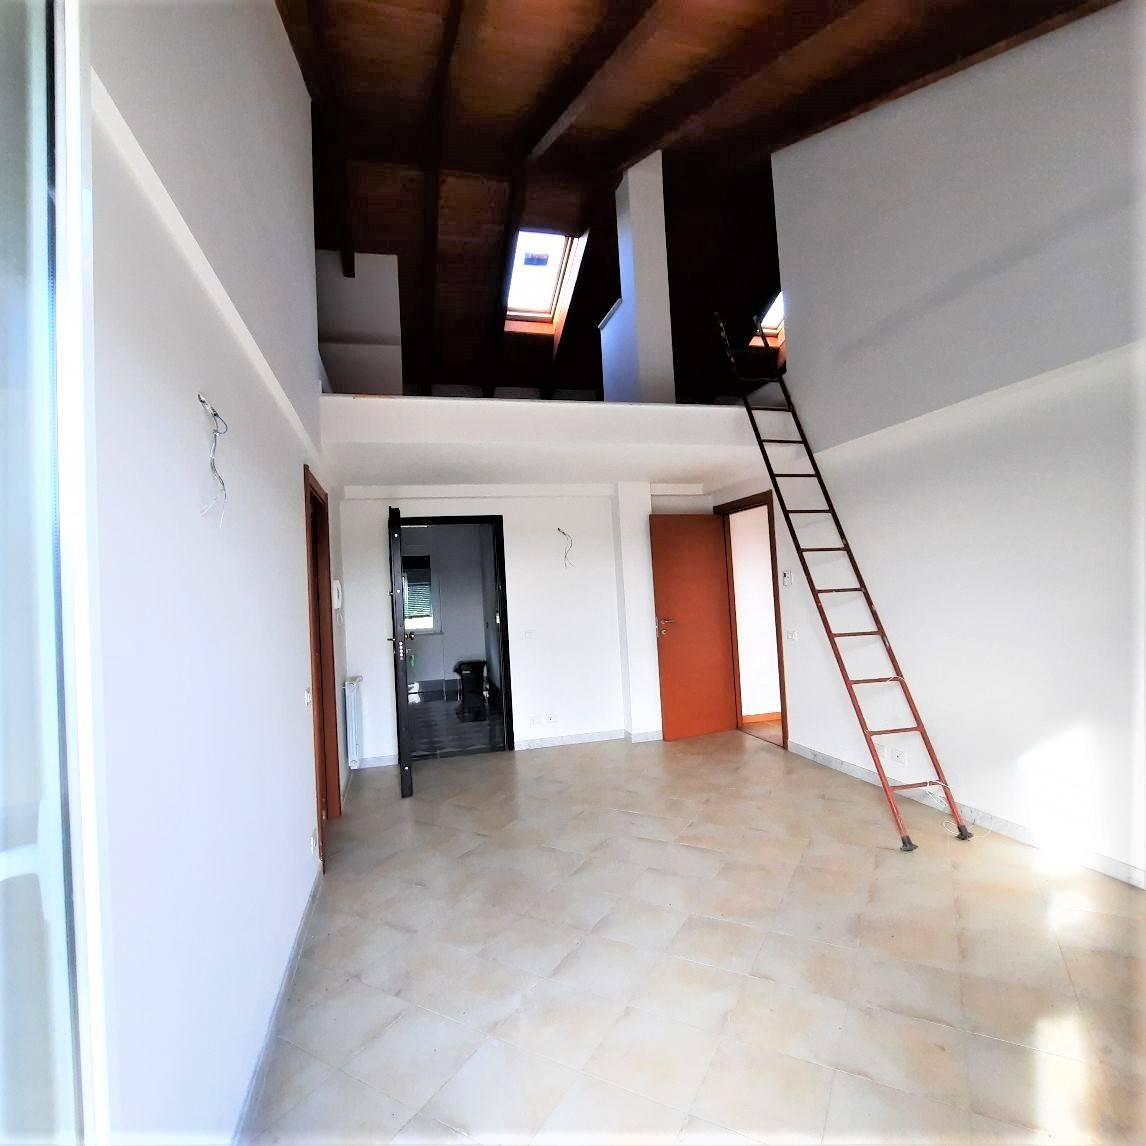 Appartamento nuovo a La Spezia - montepertico - 01, soggiorno con sopra soppalco